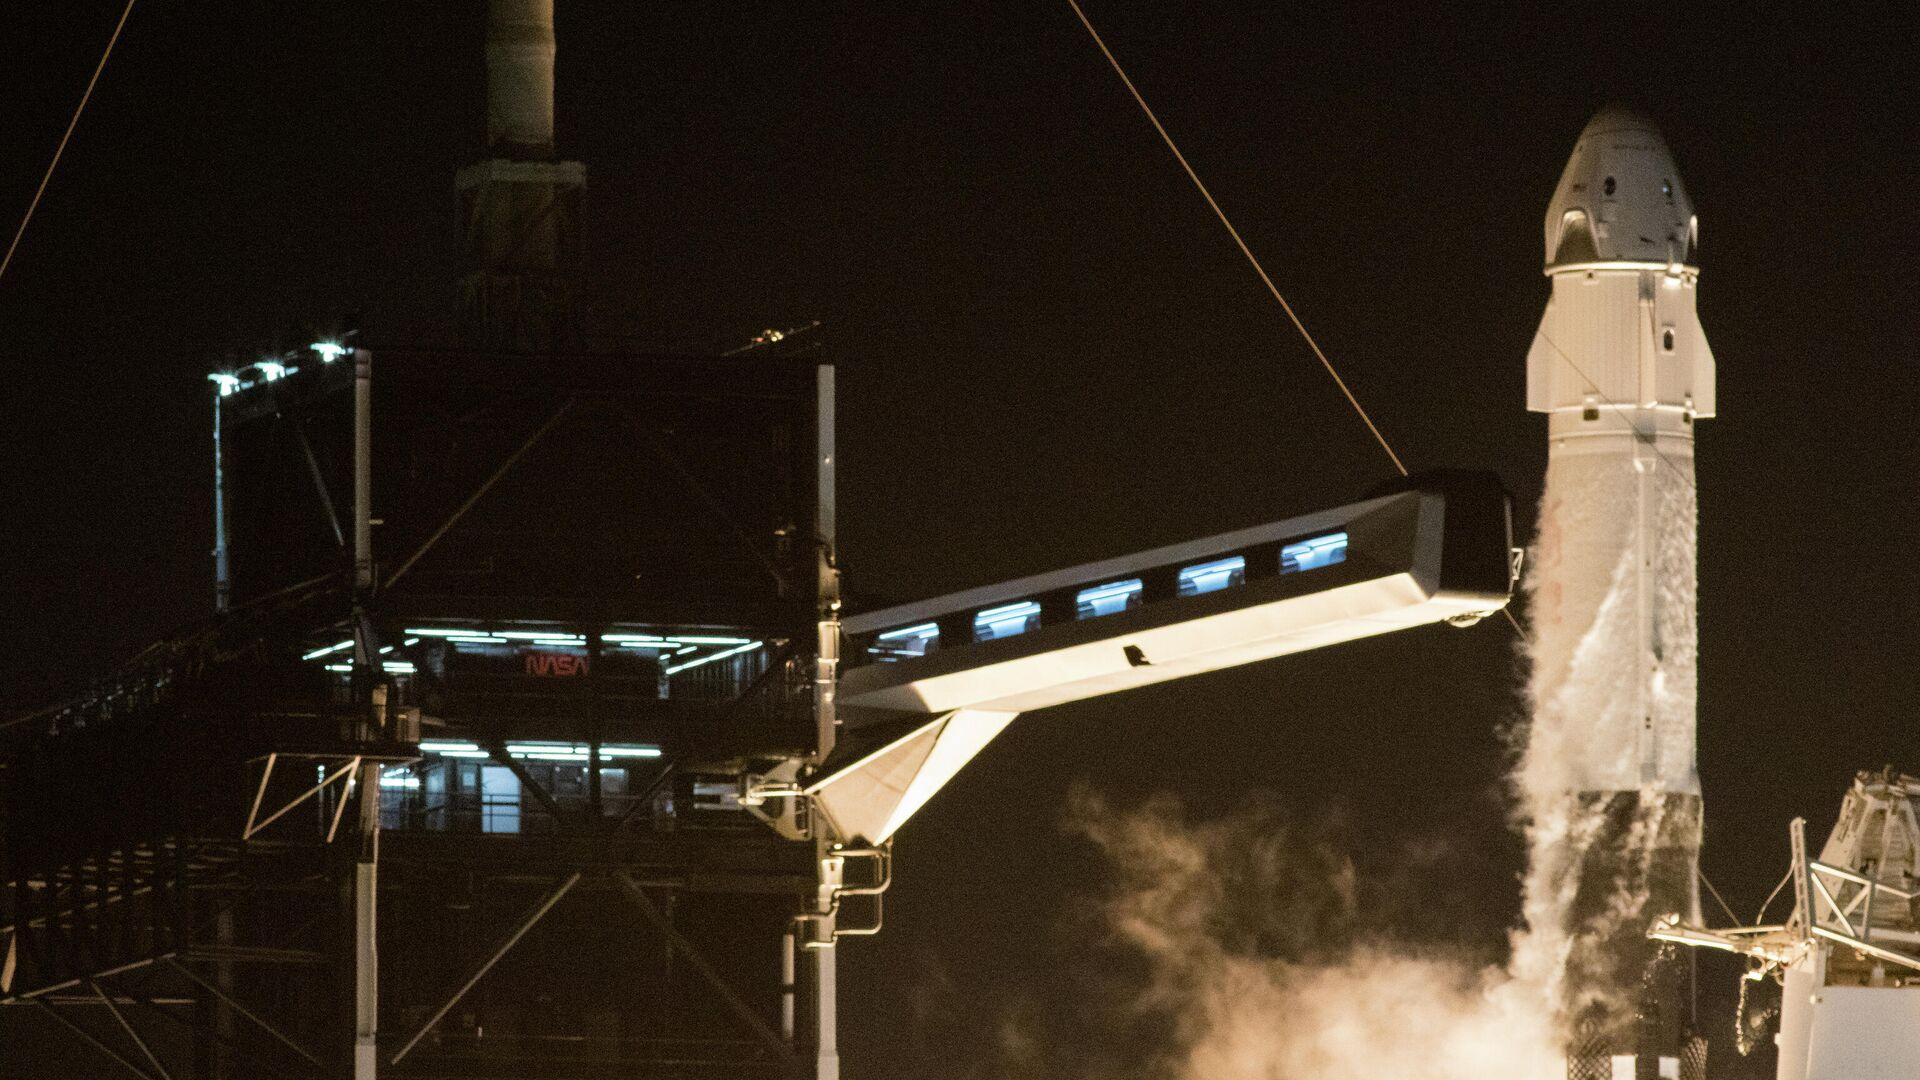 Старт ракеты Falcon 9 с кораблем Crew Dragon к МКС. 15 ноября 2020 - РИА Новости, 1920, 26.01.2021